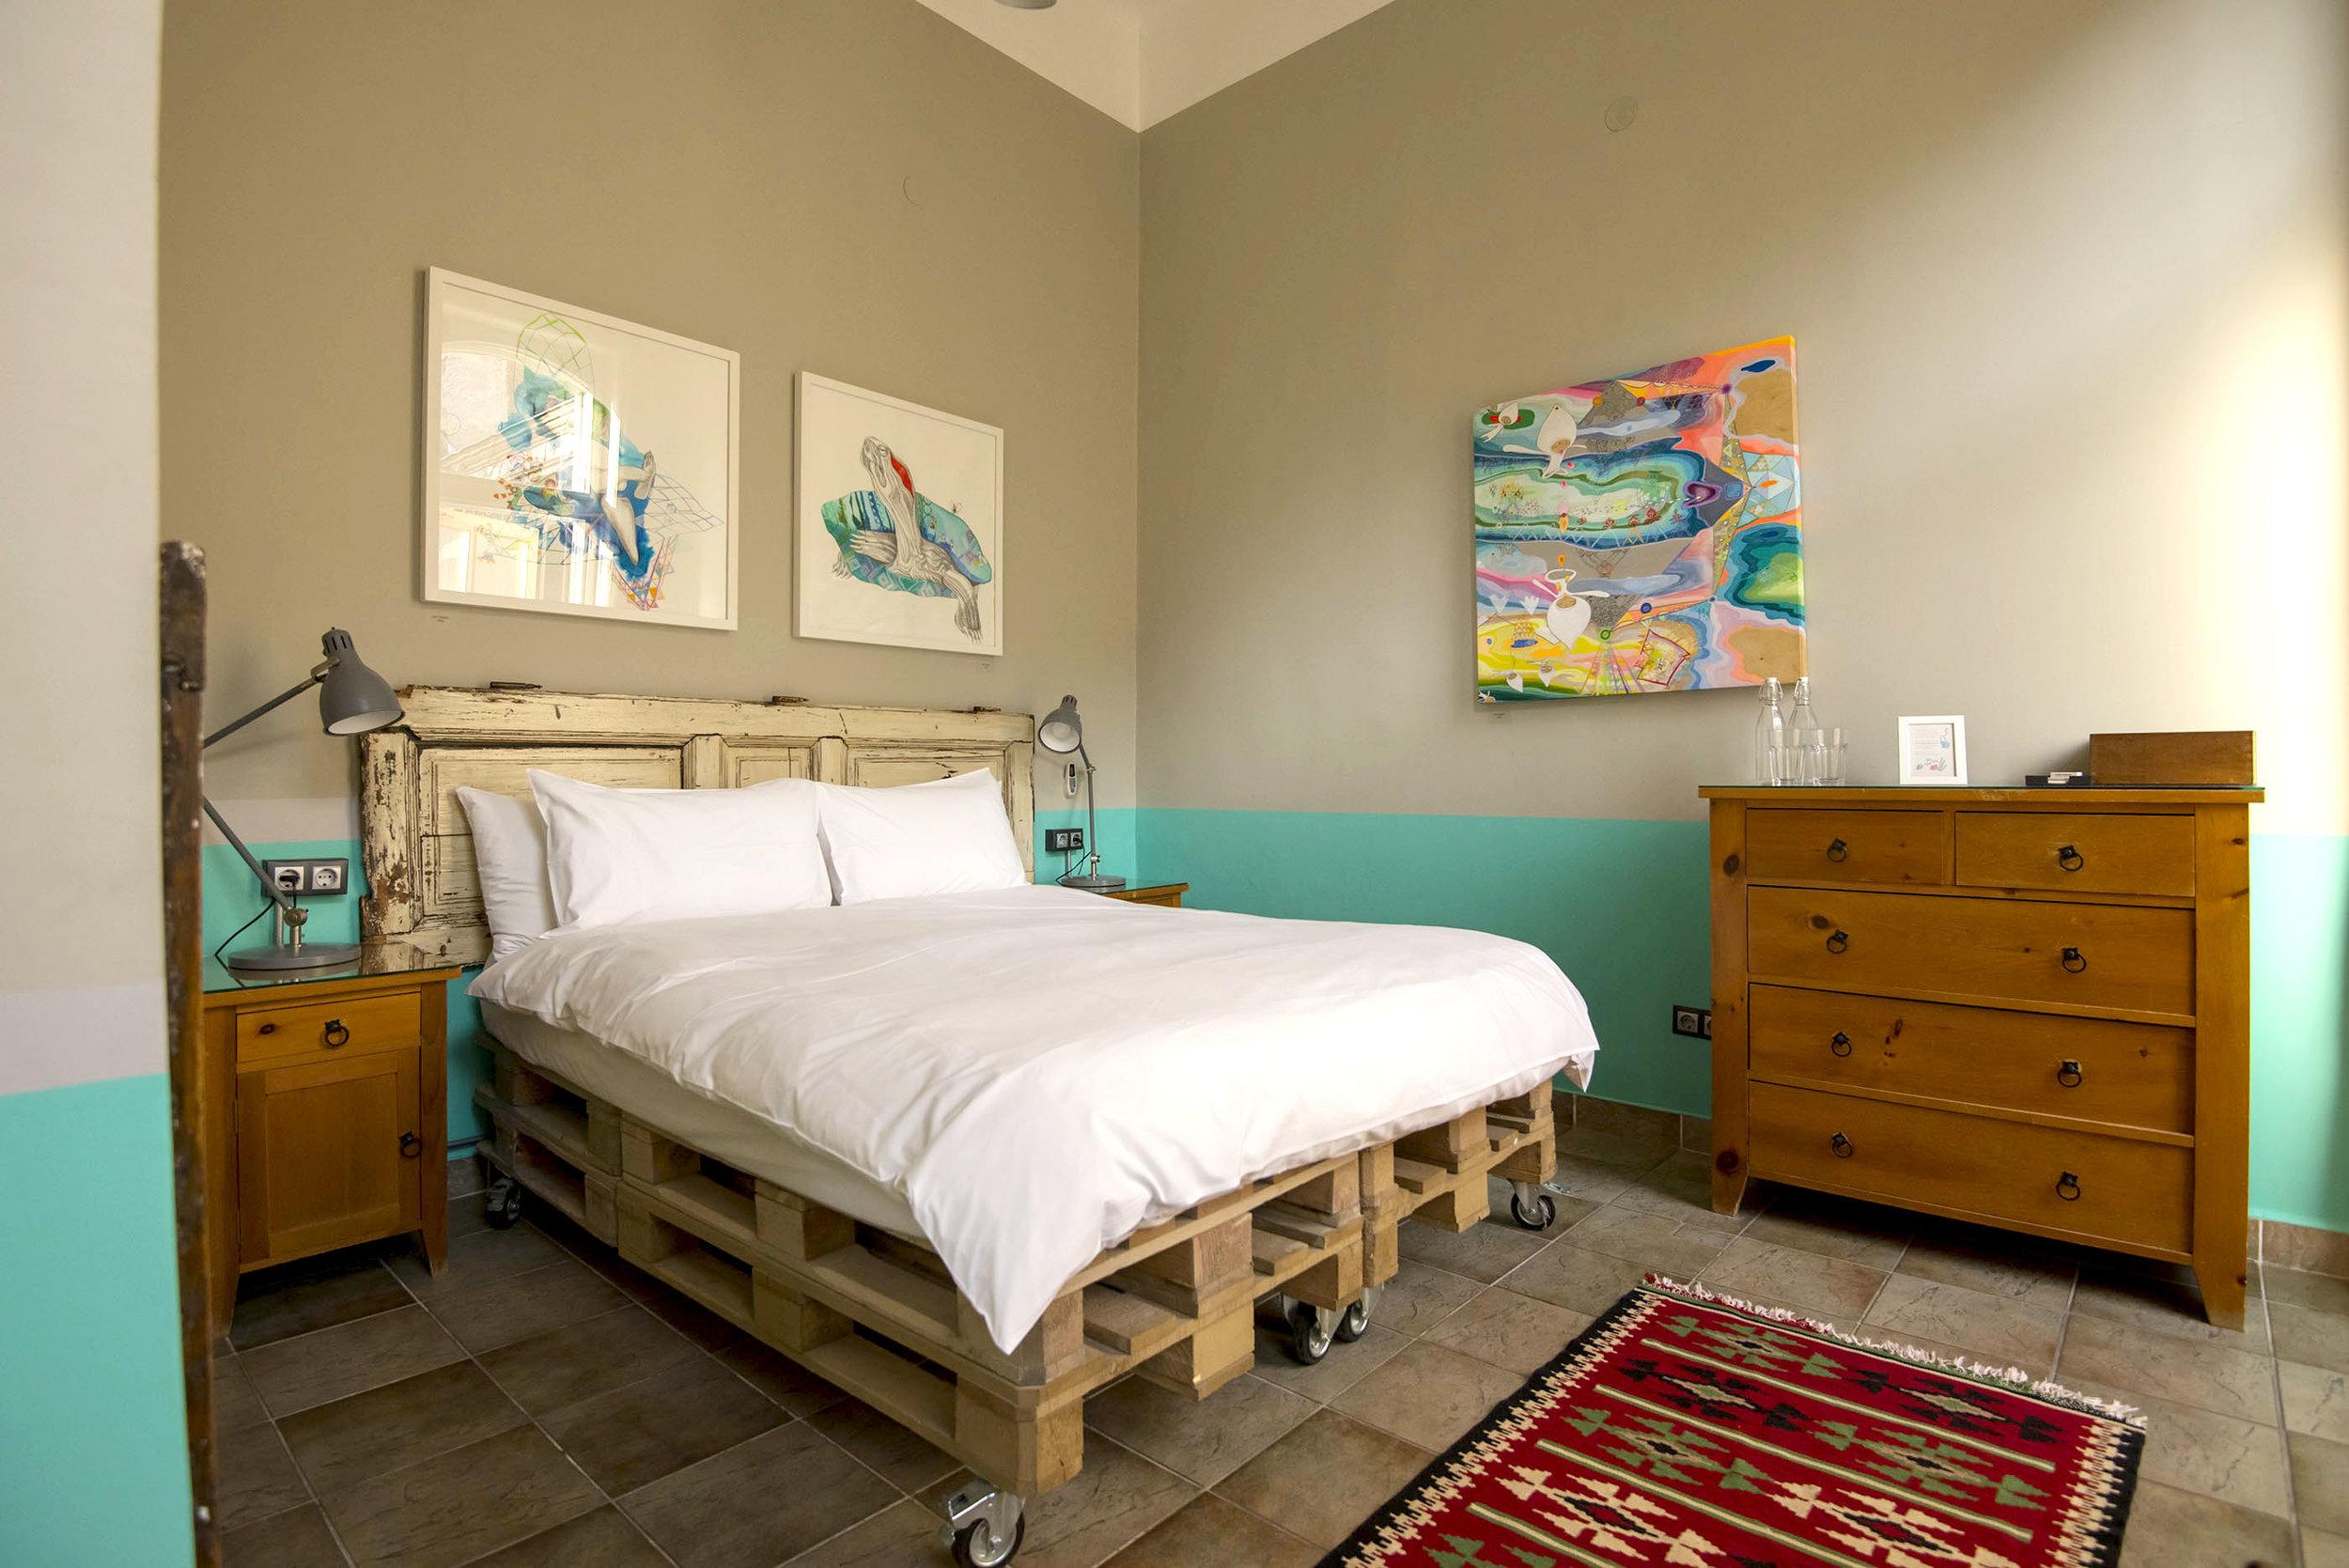 Brody_House_59_Rooms_judit.jpg